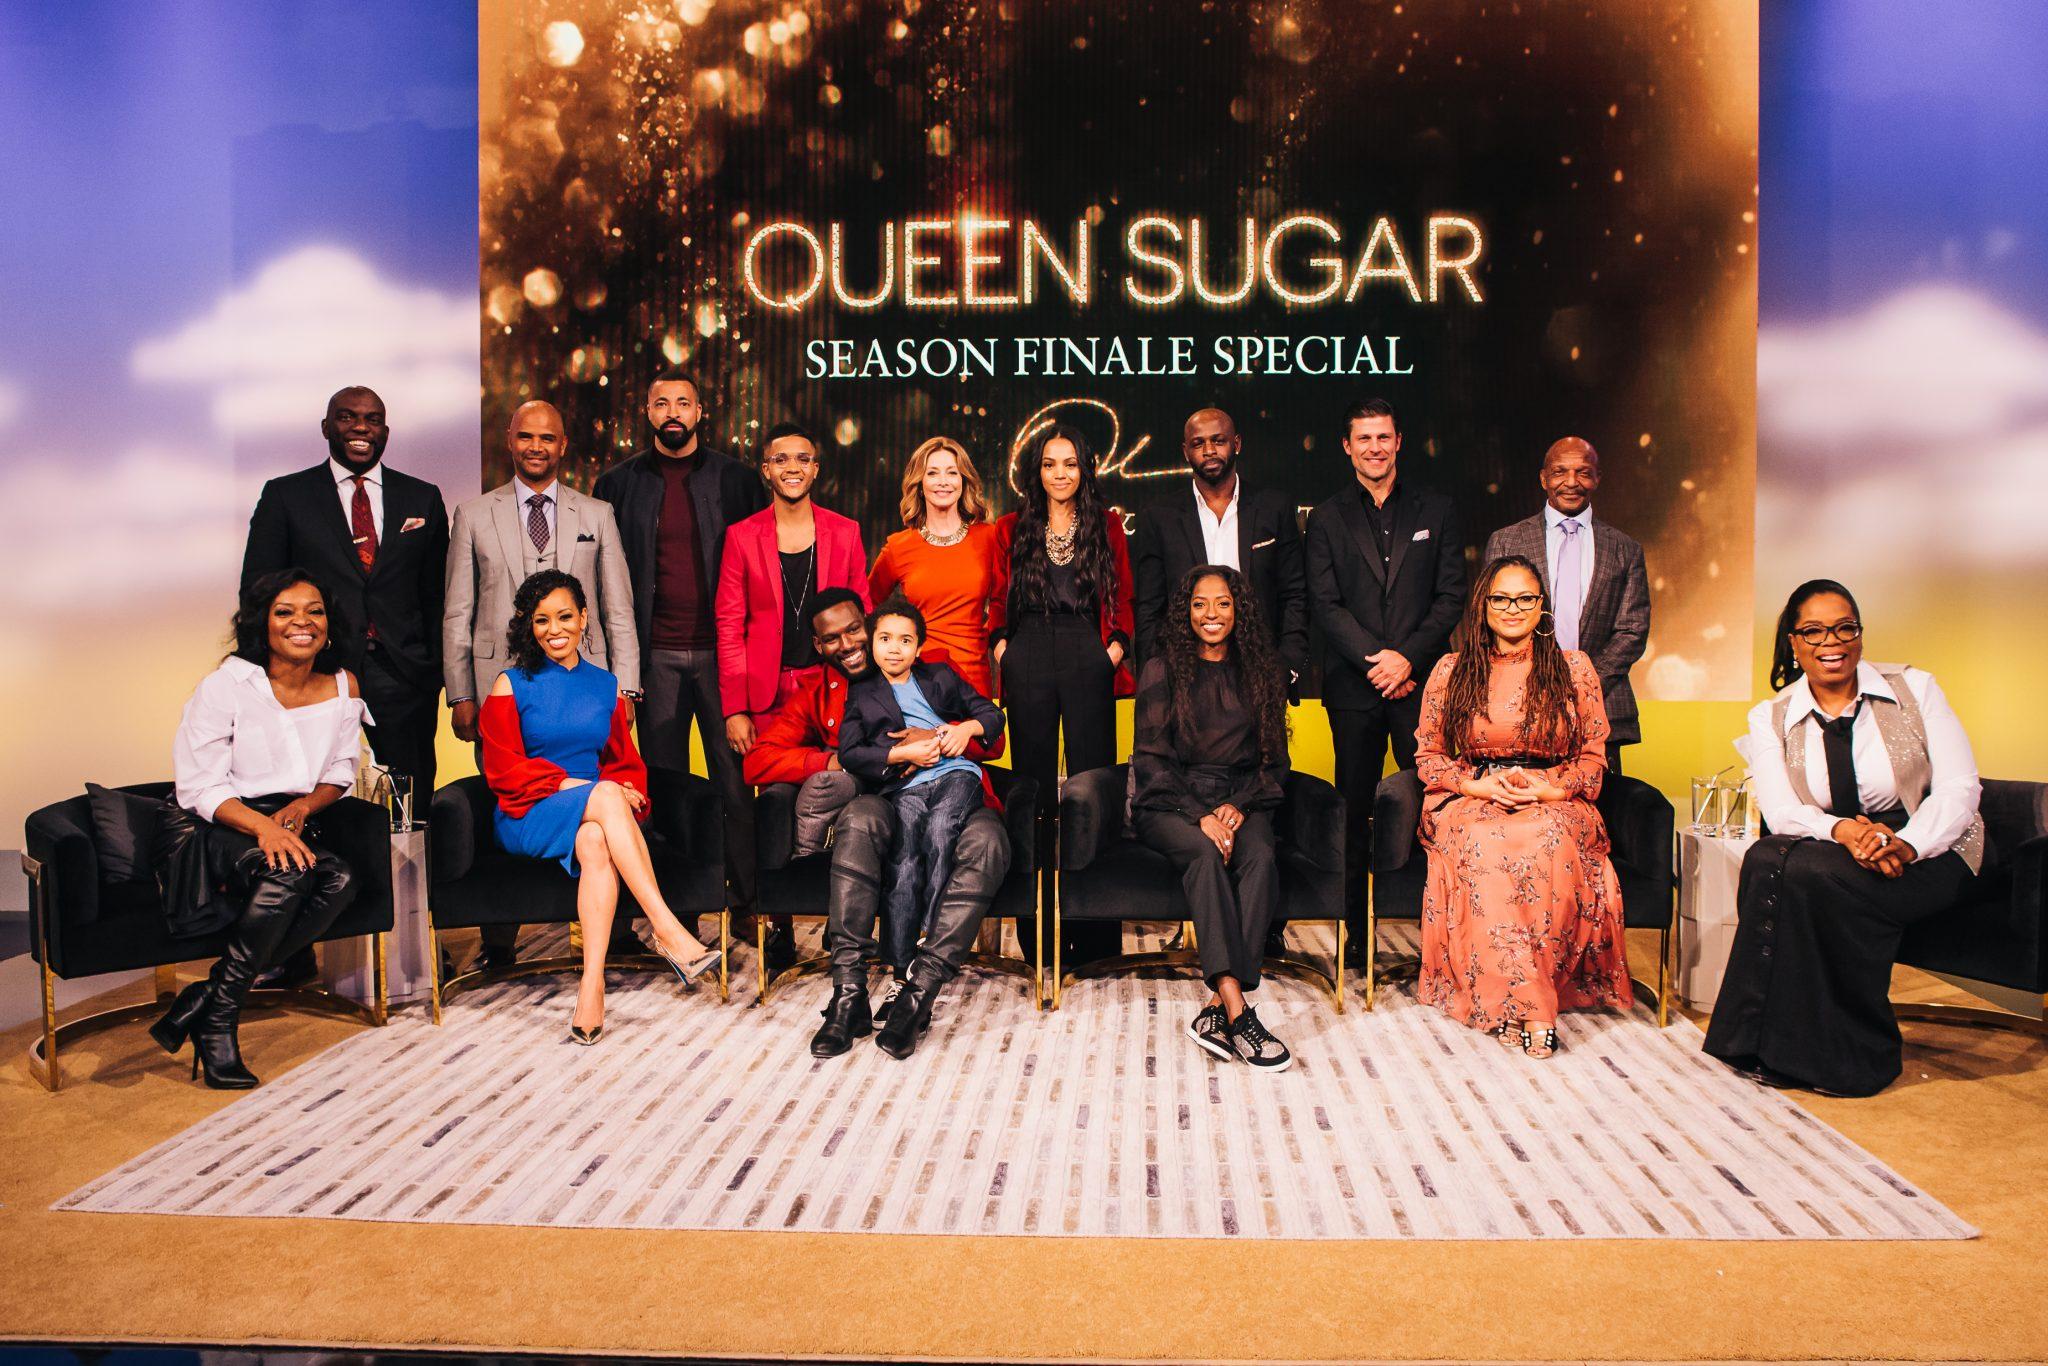 Queen Sugar Season Finale